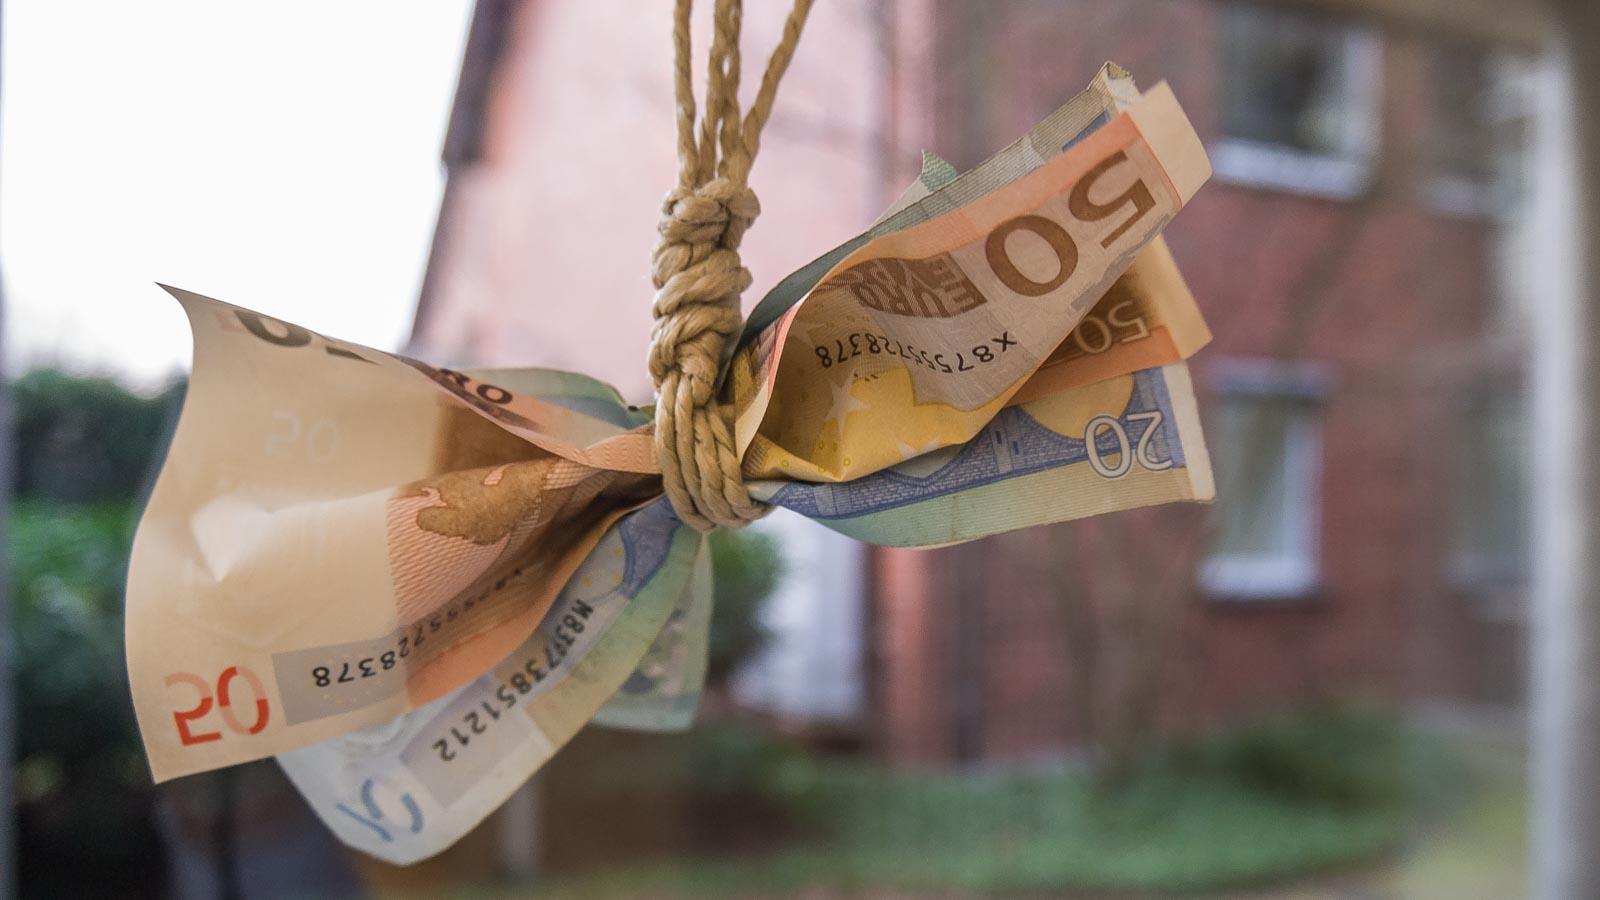 Euroscheine an einem Seil verknotet vor einem Wohnhaus im Hintergrund